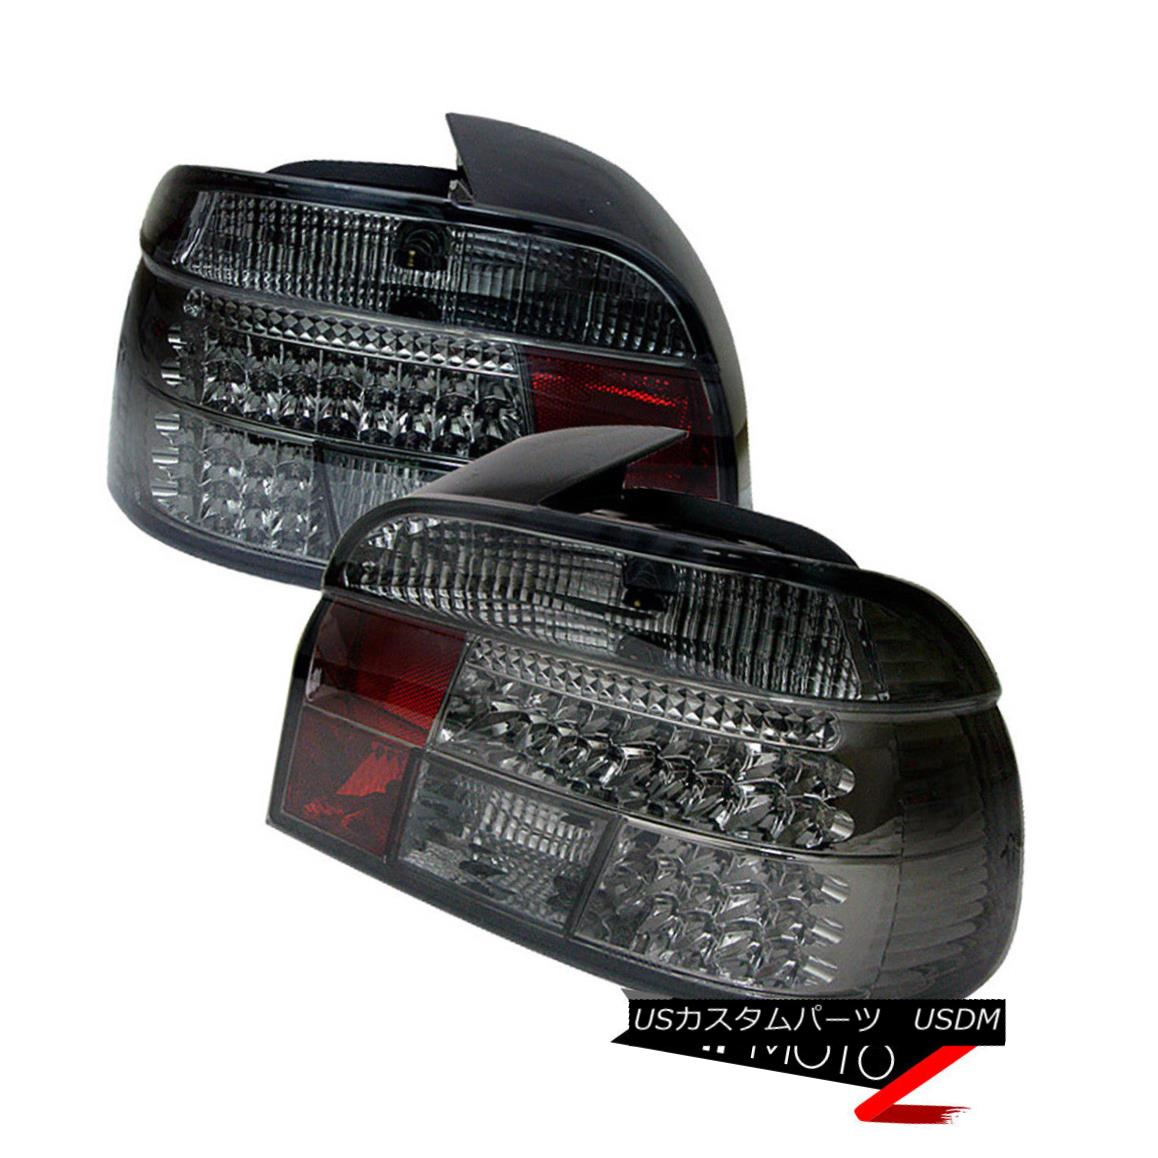 テールライト 97-2000 BMW E39 5-Series LED (SMOKE LENS) Tail Light Lamp Rear Brake Pair LH RH 97-2000 BMW E39 5シリーズLED(SMOKE LENS)テールライトランプリアブレーキペアLH RH